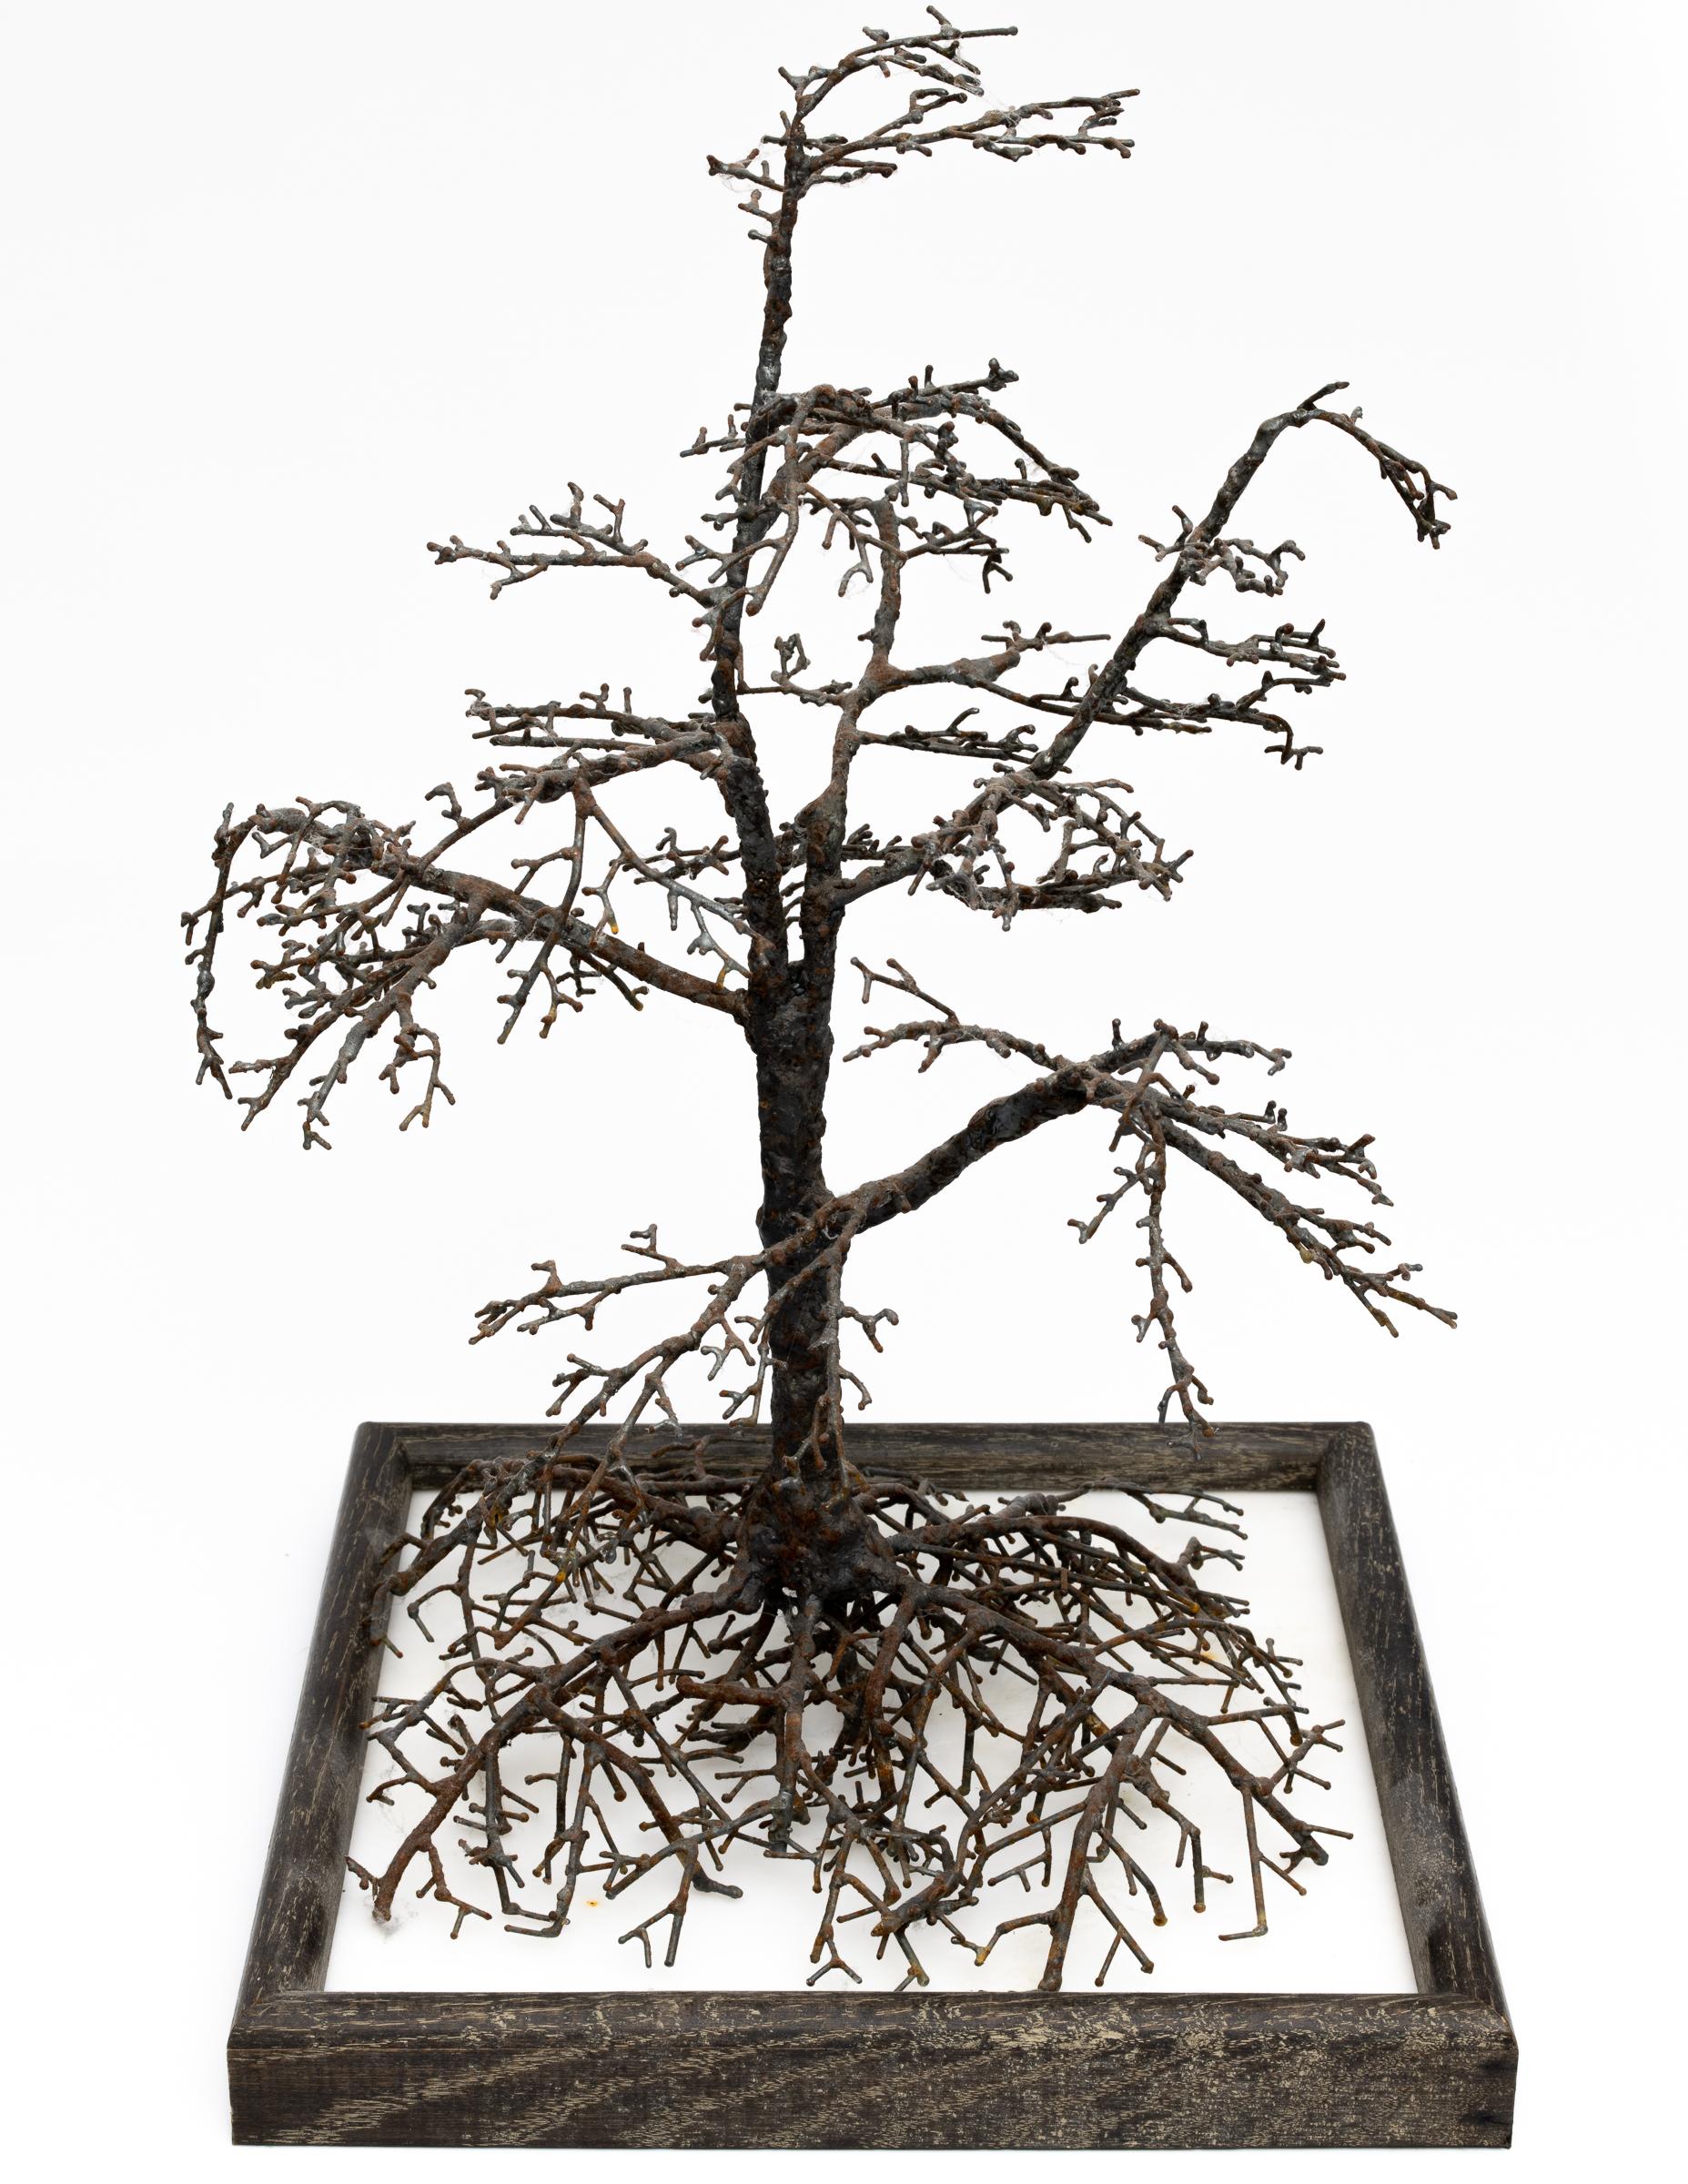 Welded Steel Tree - 1 by Allan J Jones